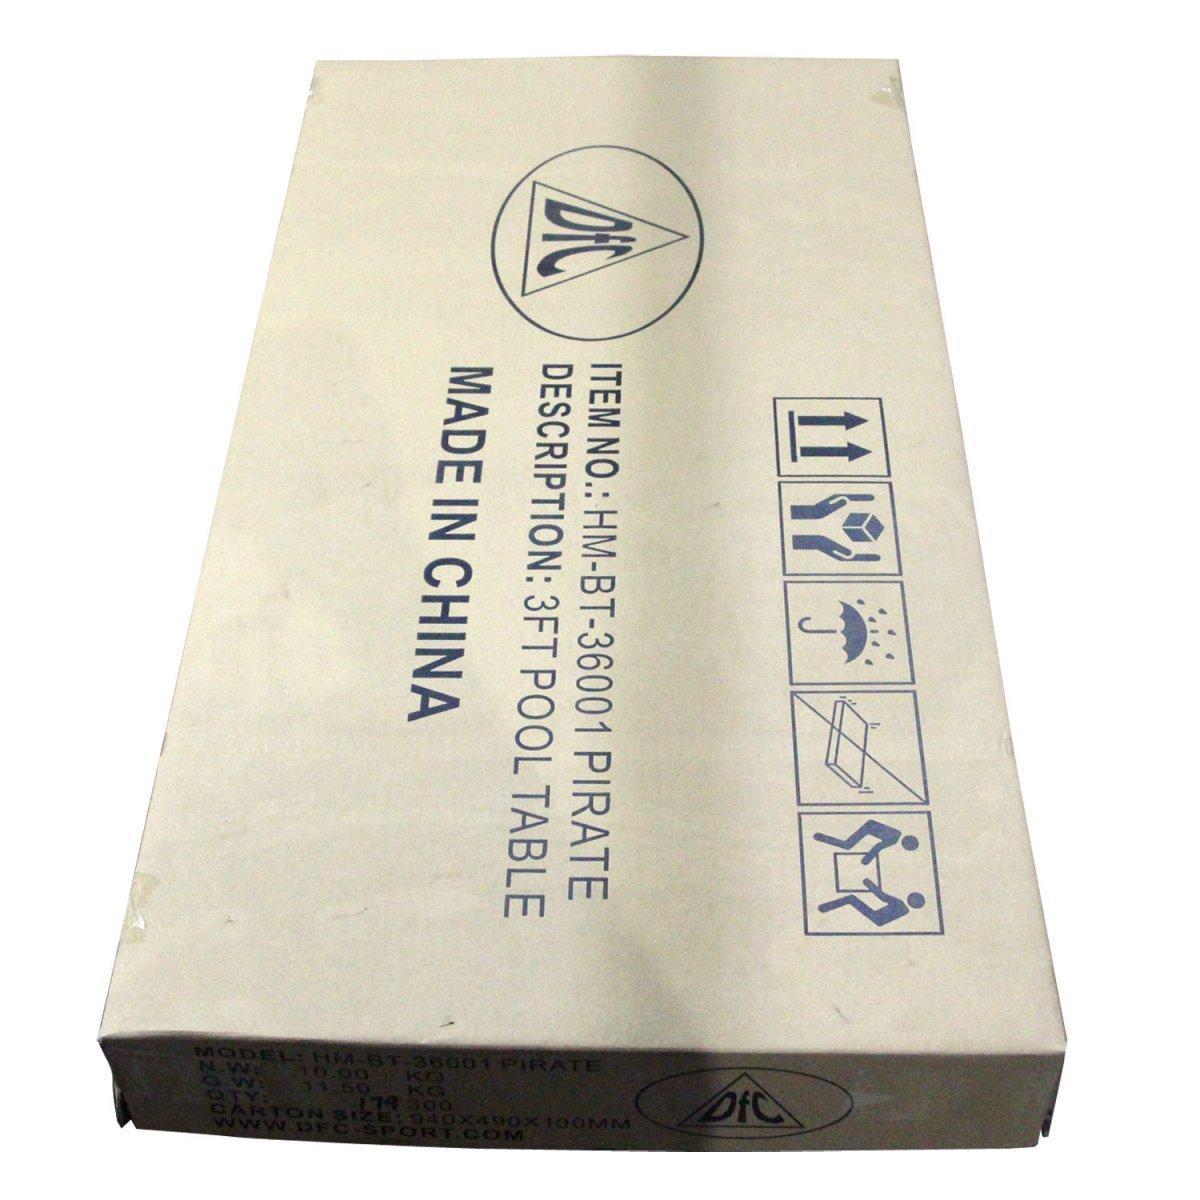 Бильярдный стол DFC PIRATE мини в Москве 78001001185 купить 5